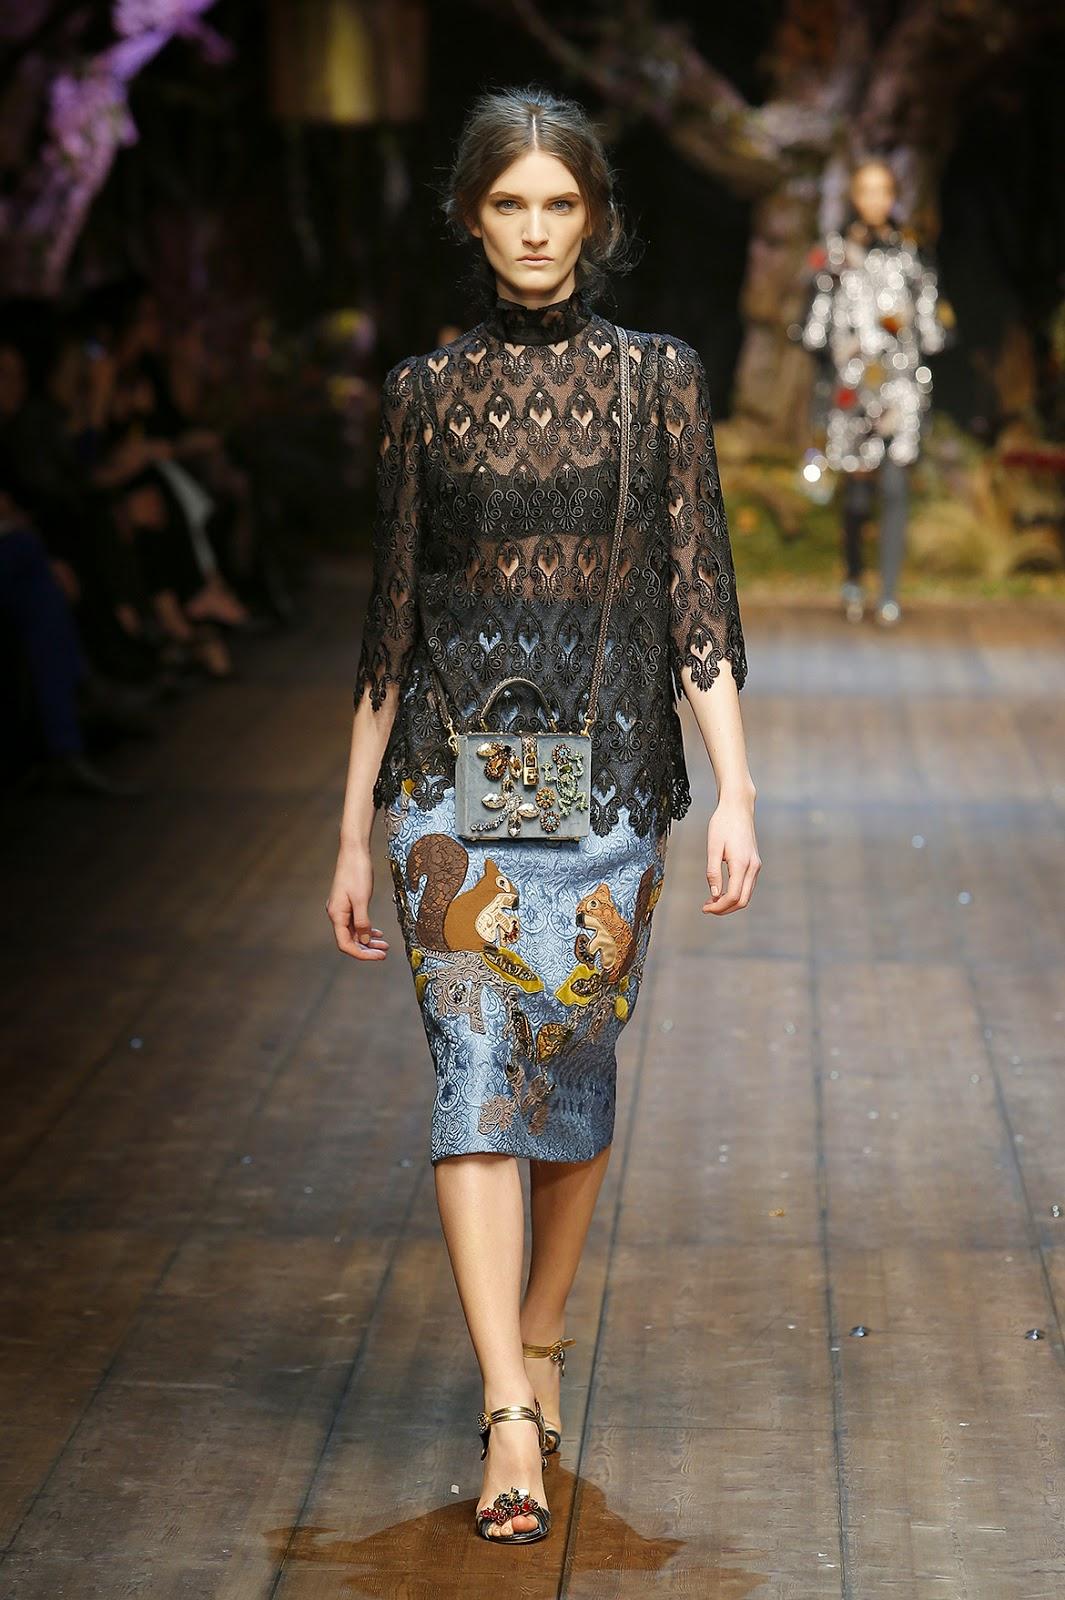 http://www.dolcegabbana.com/woman/Dolce&Gabbana colecção outono inverno 2014-2015  árvores e esquilos